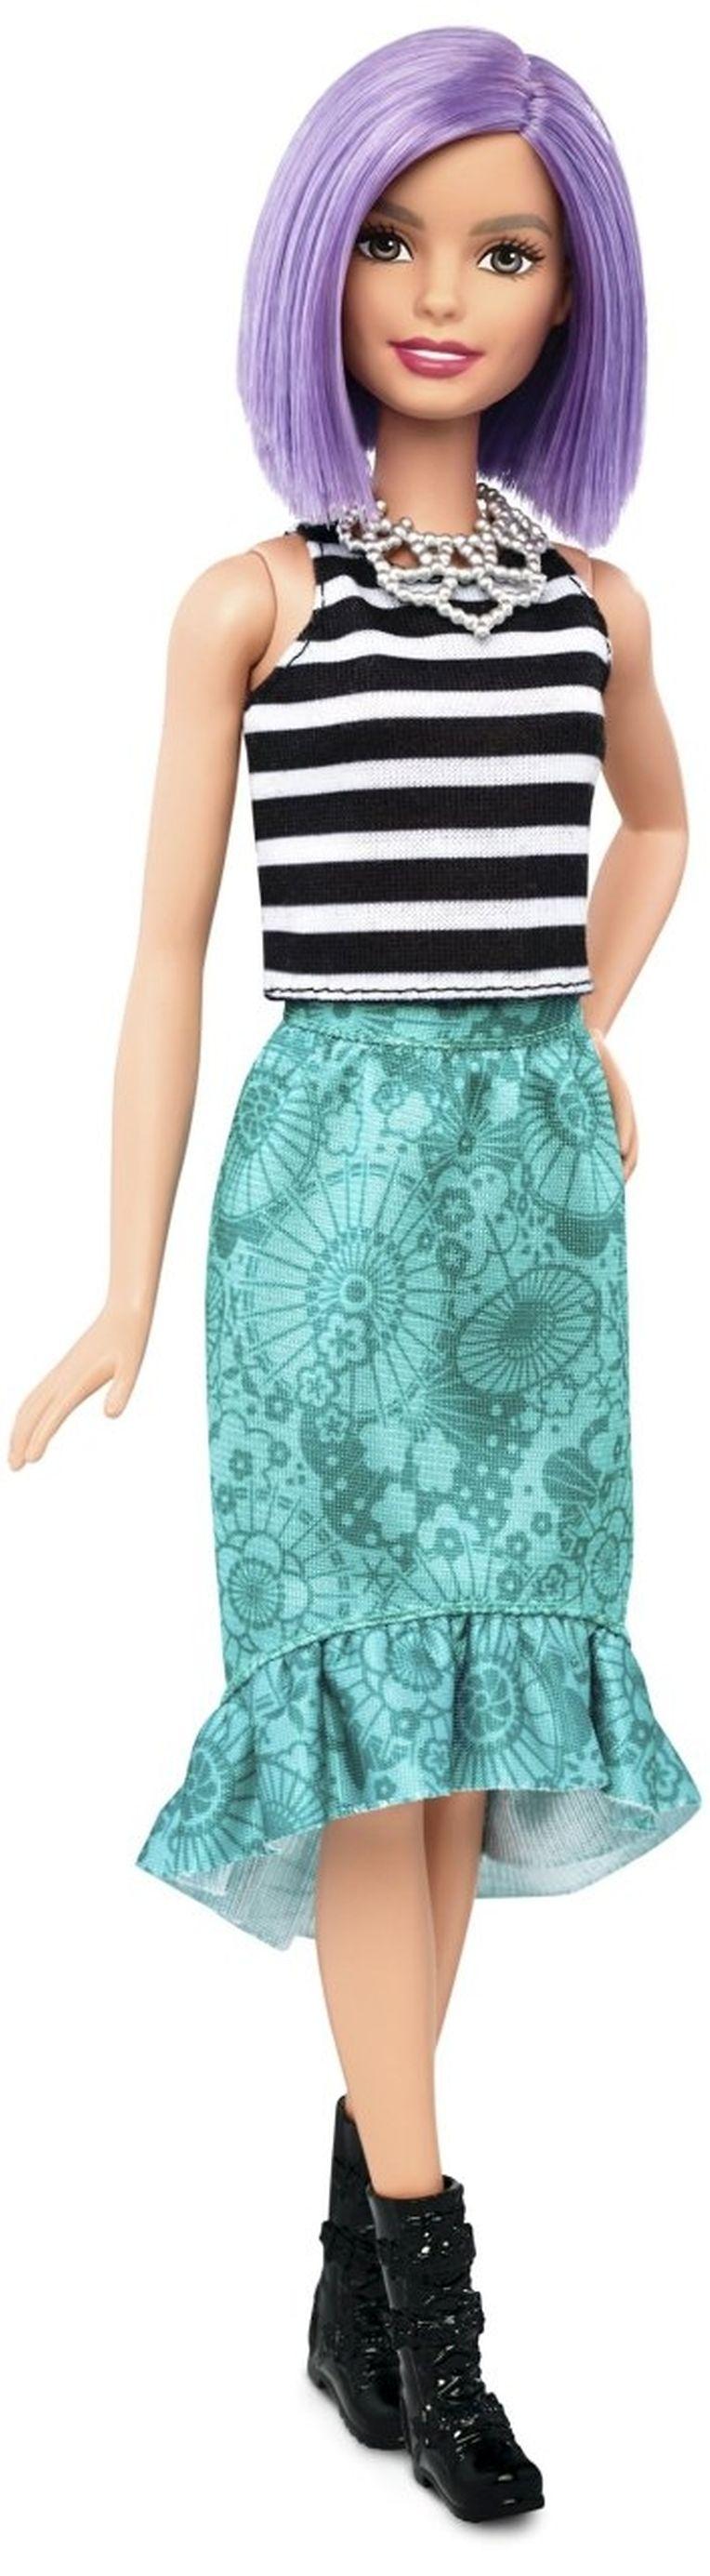 Barbie so wie wir sie kennen: Sie ist schmal und groß.